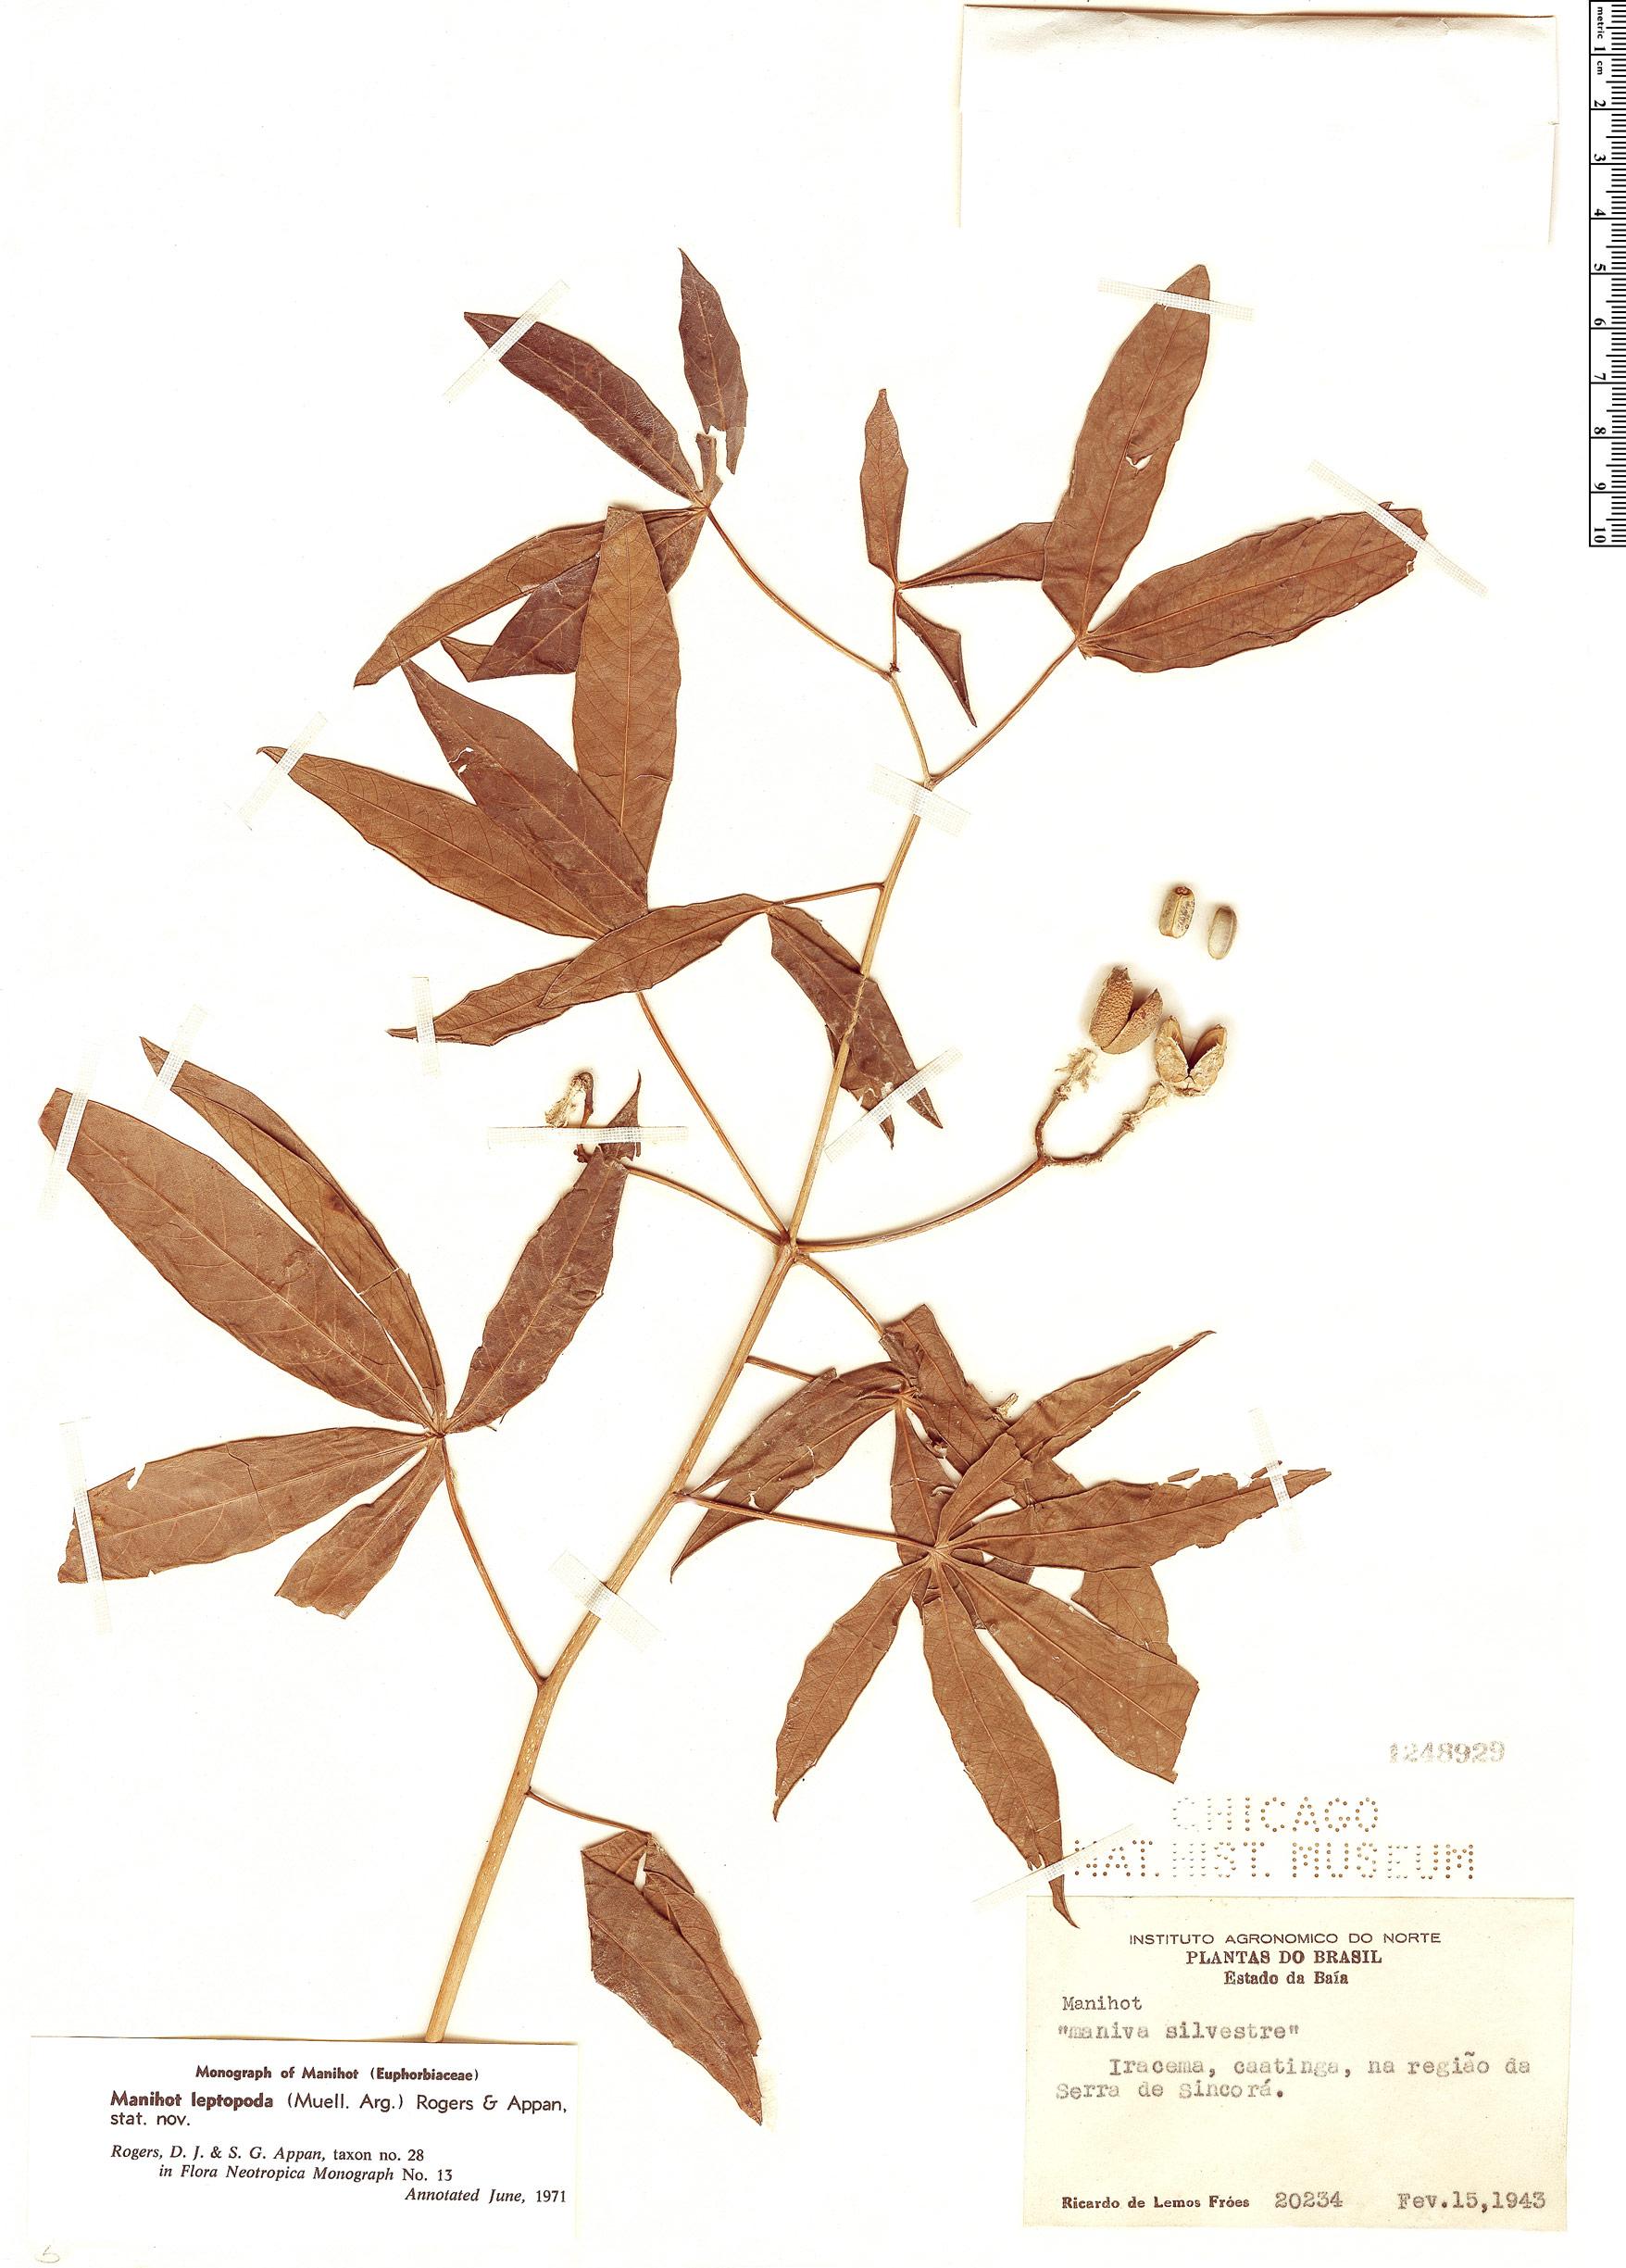 Specimen: Manihot leptopoda